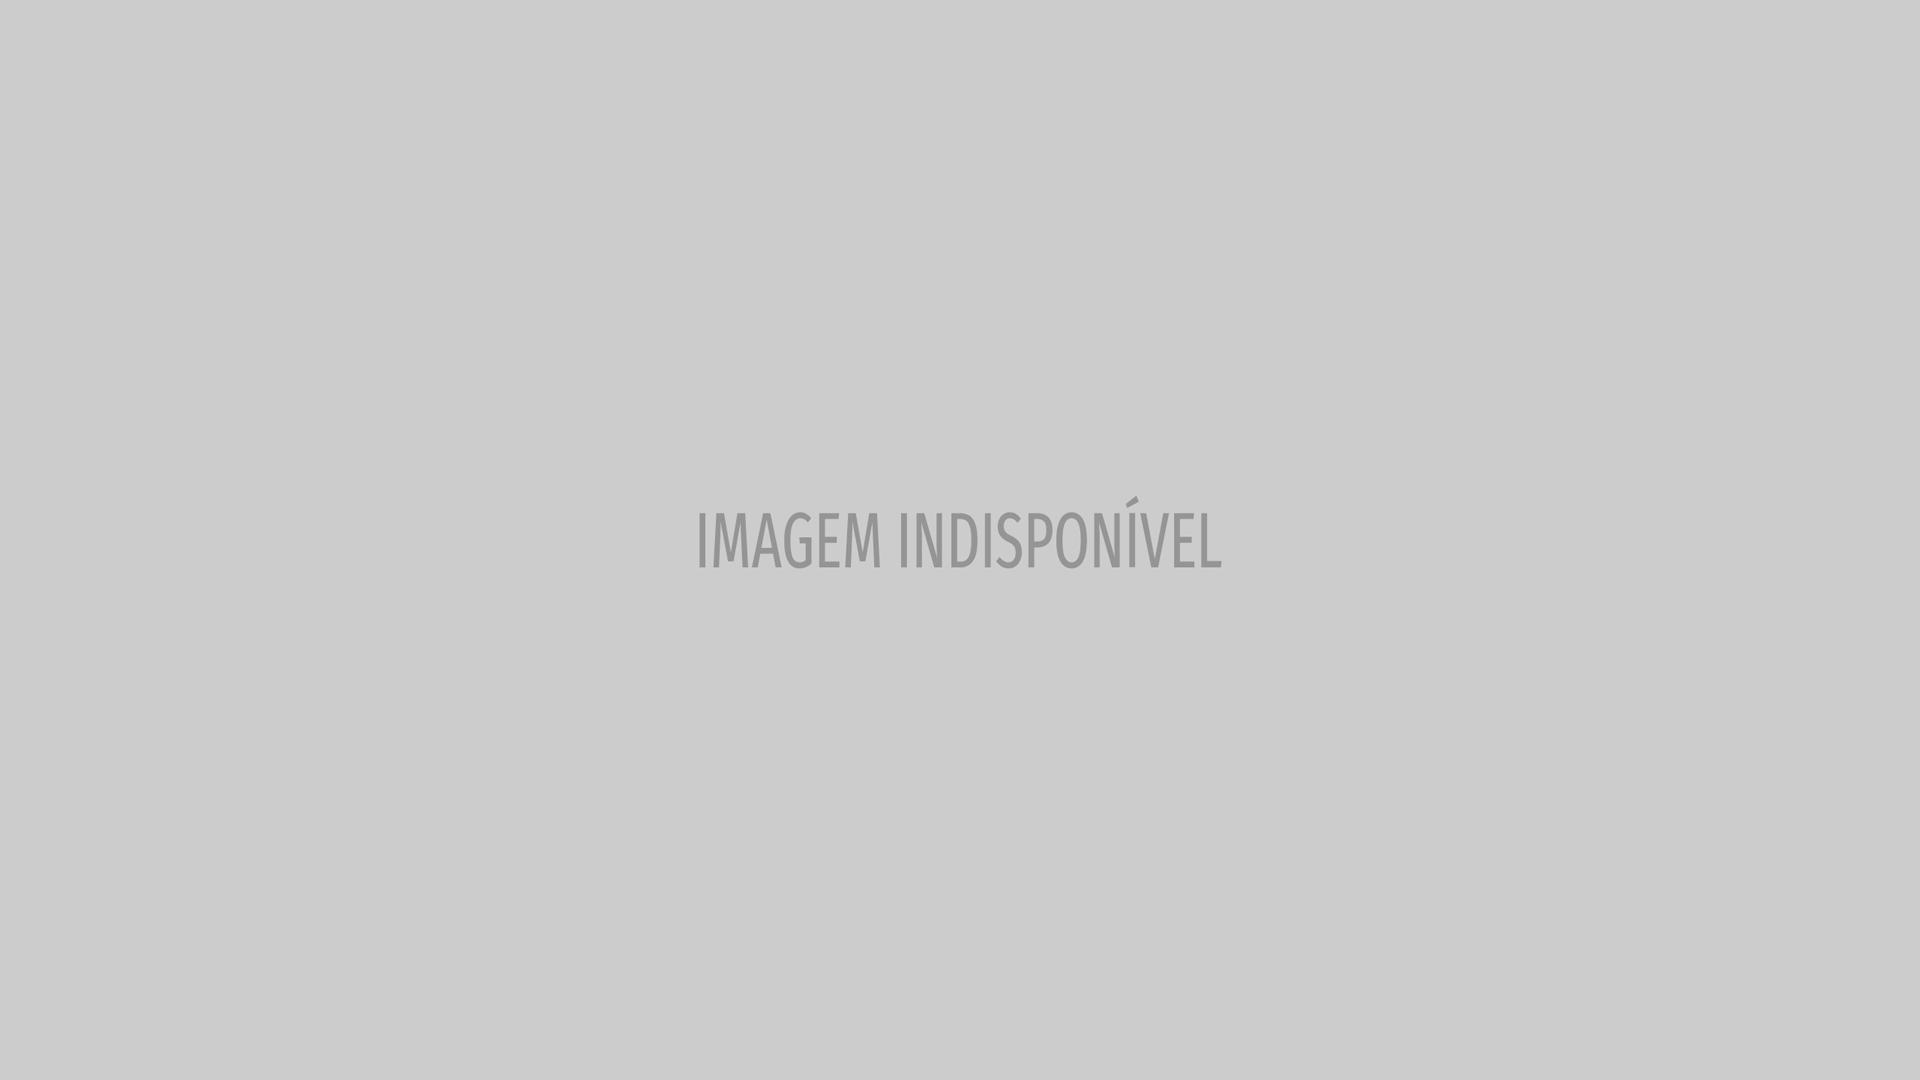 Após briga, filho de Naldo compara mãe ao Flamengo e fala sobre amor